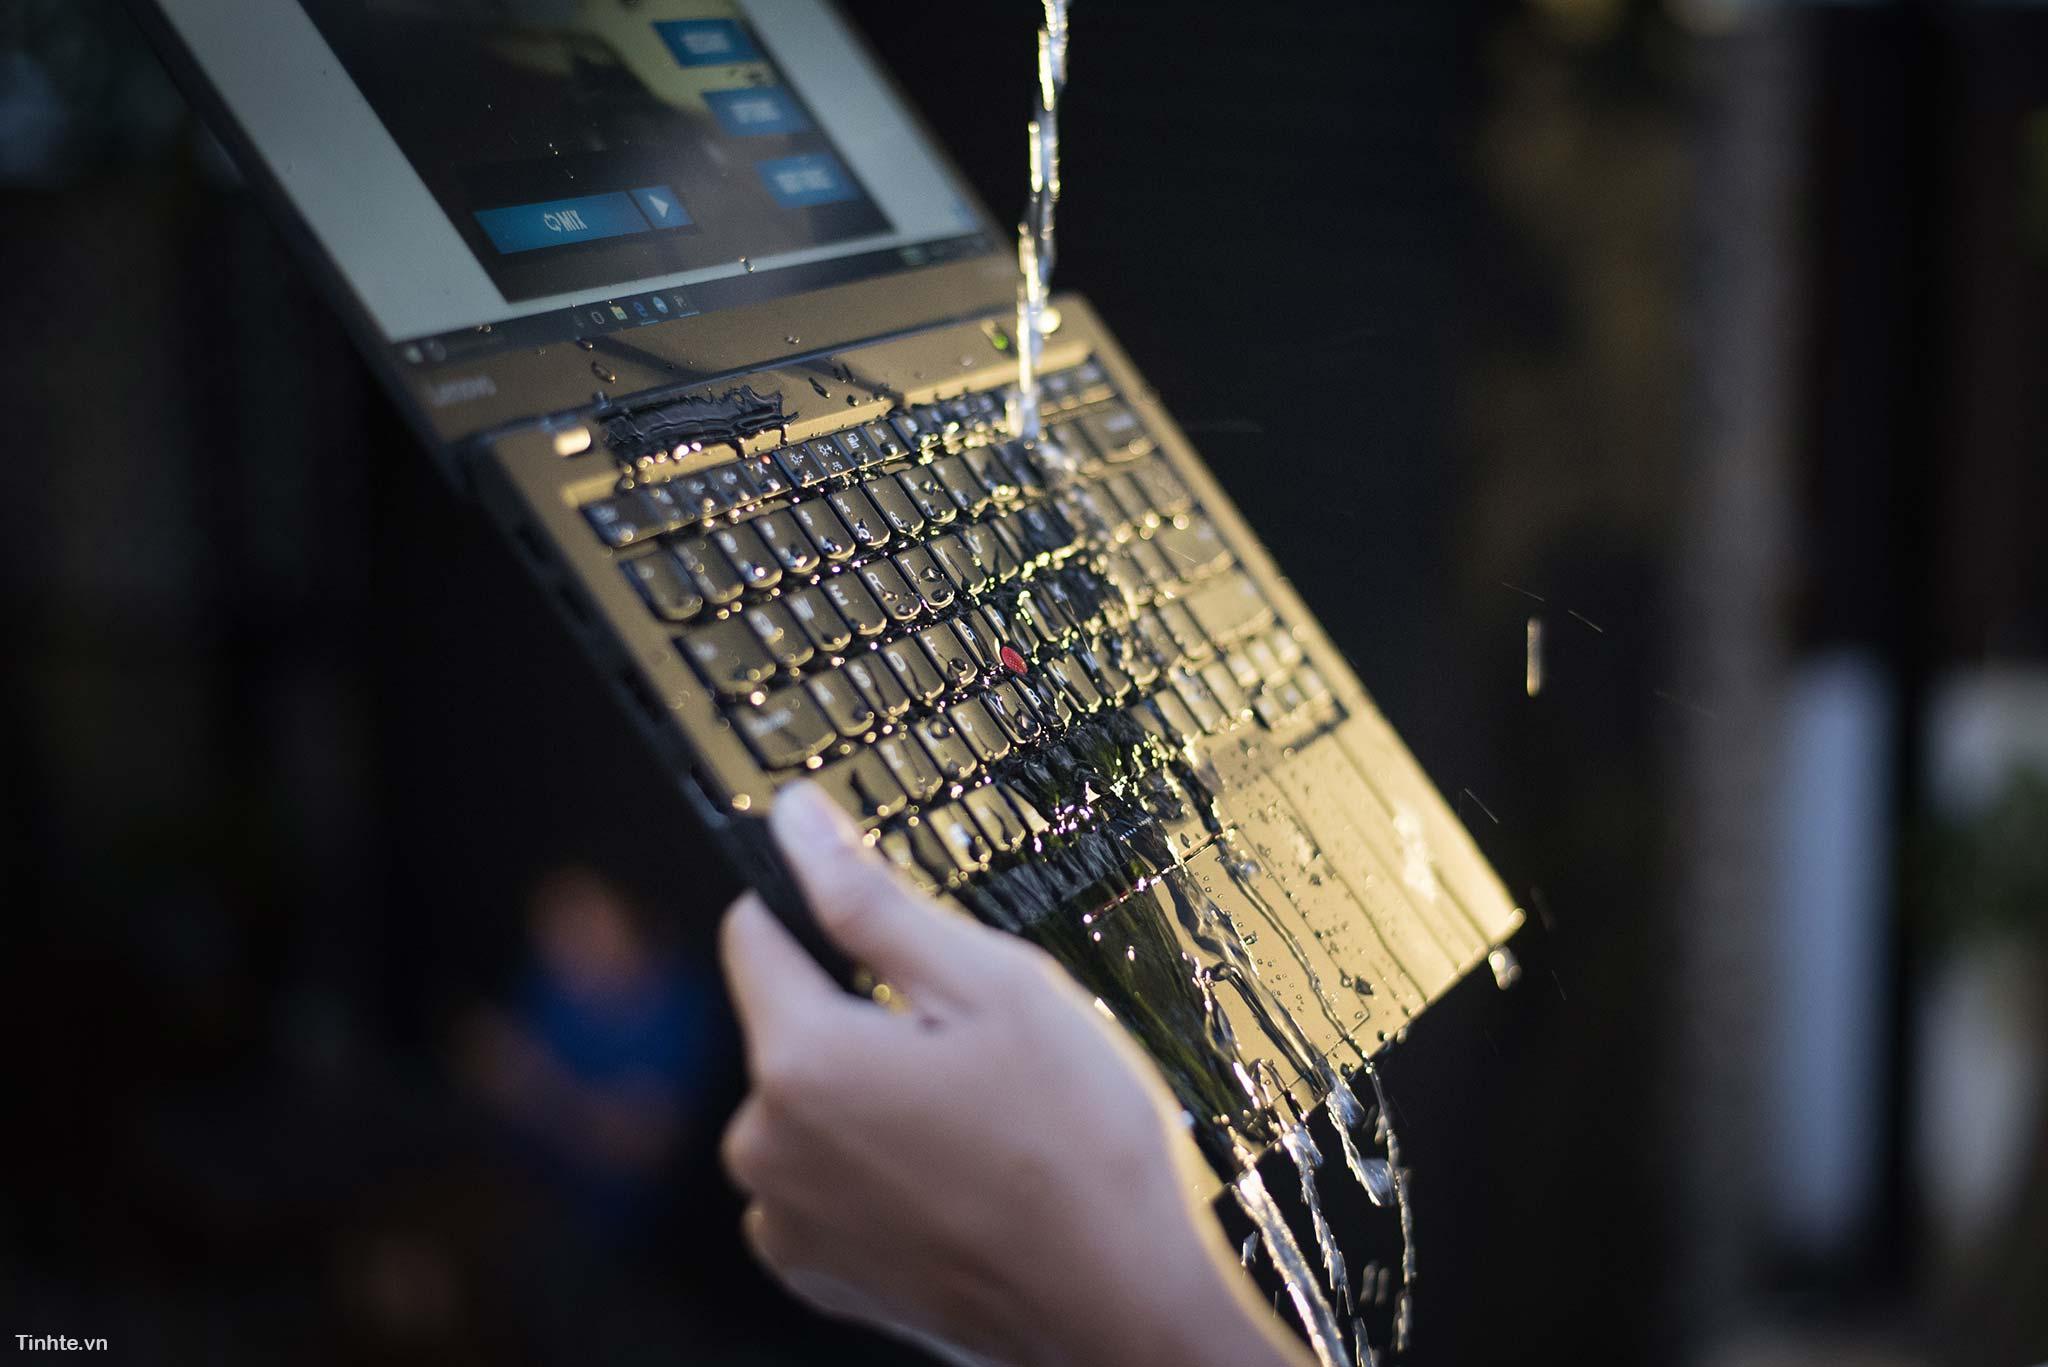 ThinkPad X1 cacbon - laptop cao cấp cho doanh nhân 40653412